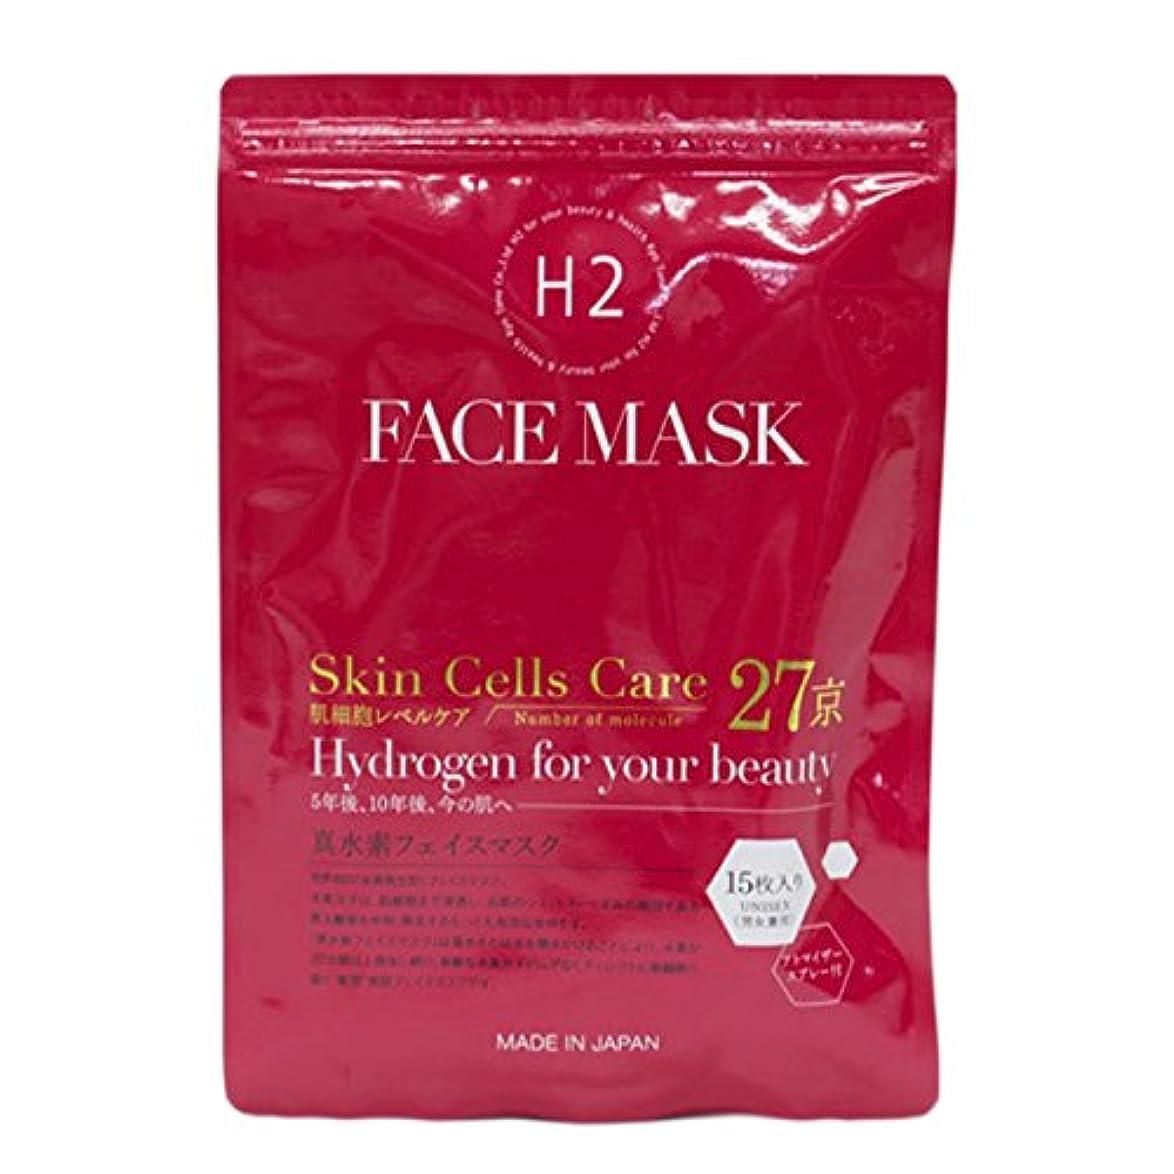 味わうその倫理的Kyotomo 真水素フェイスマスク 15枚